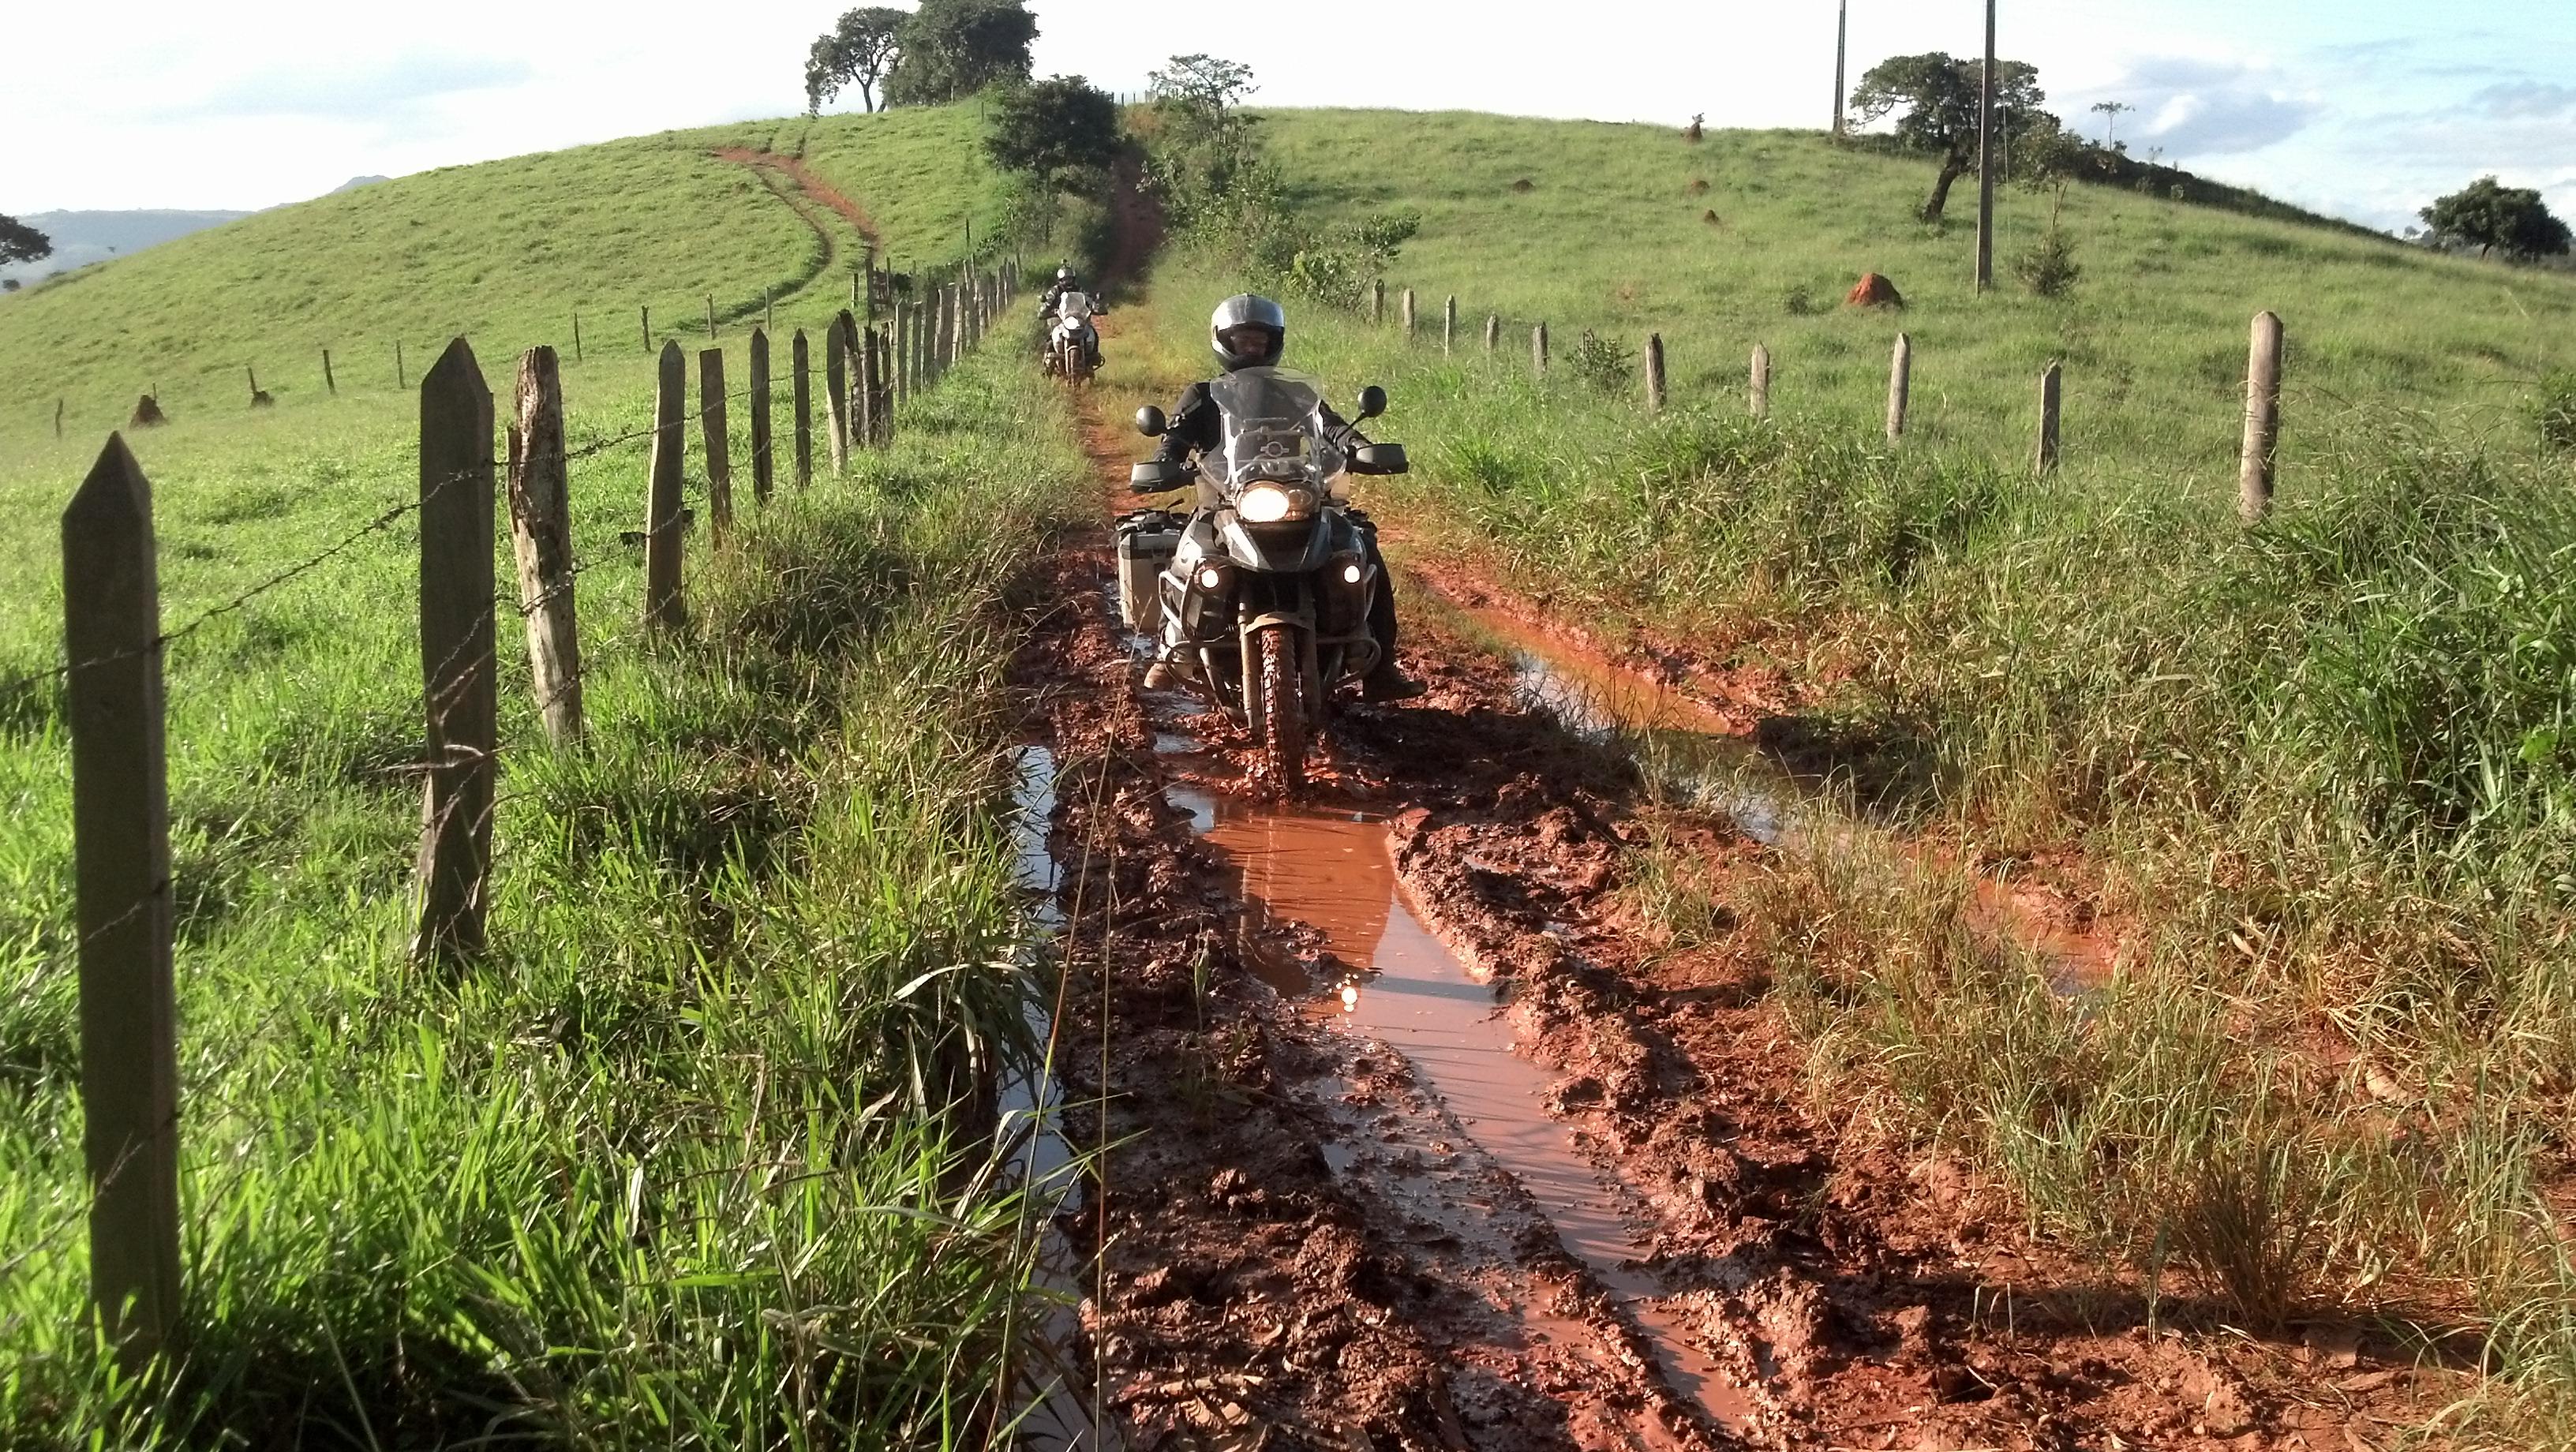 Passeio-BigTrailTrip-Das-aguas-ao-ouro (5)